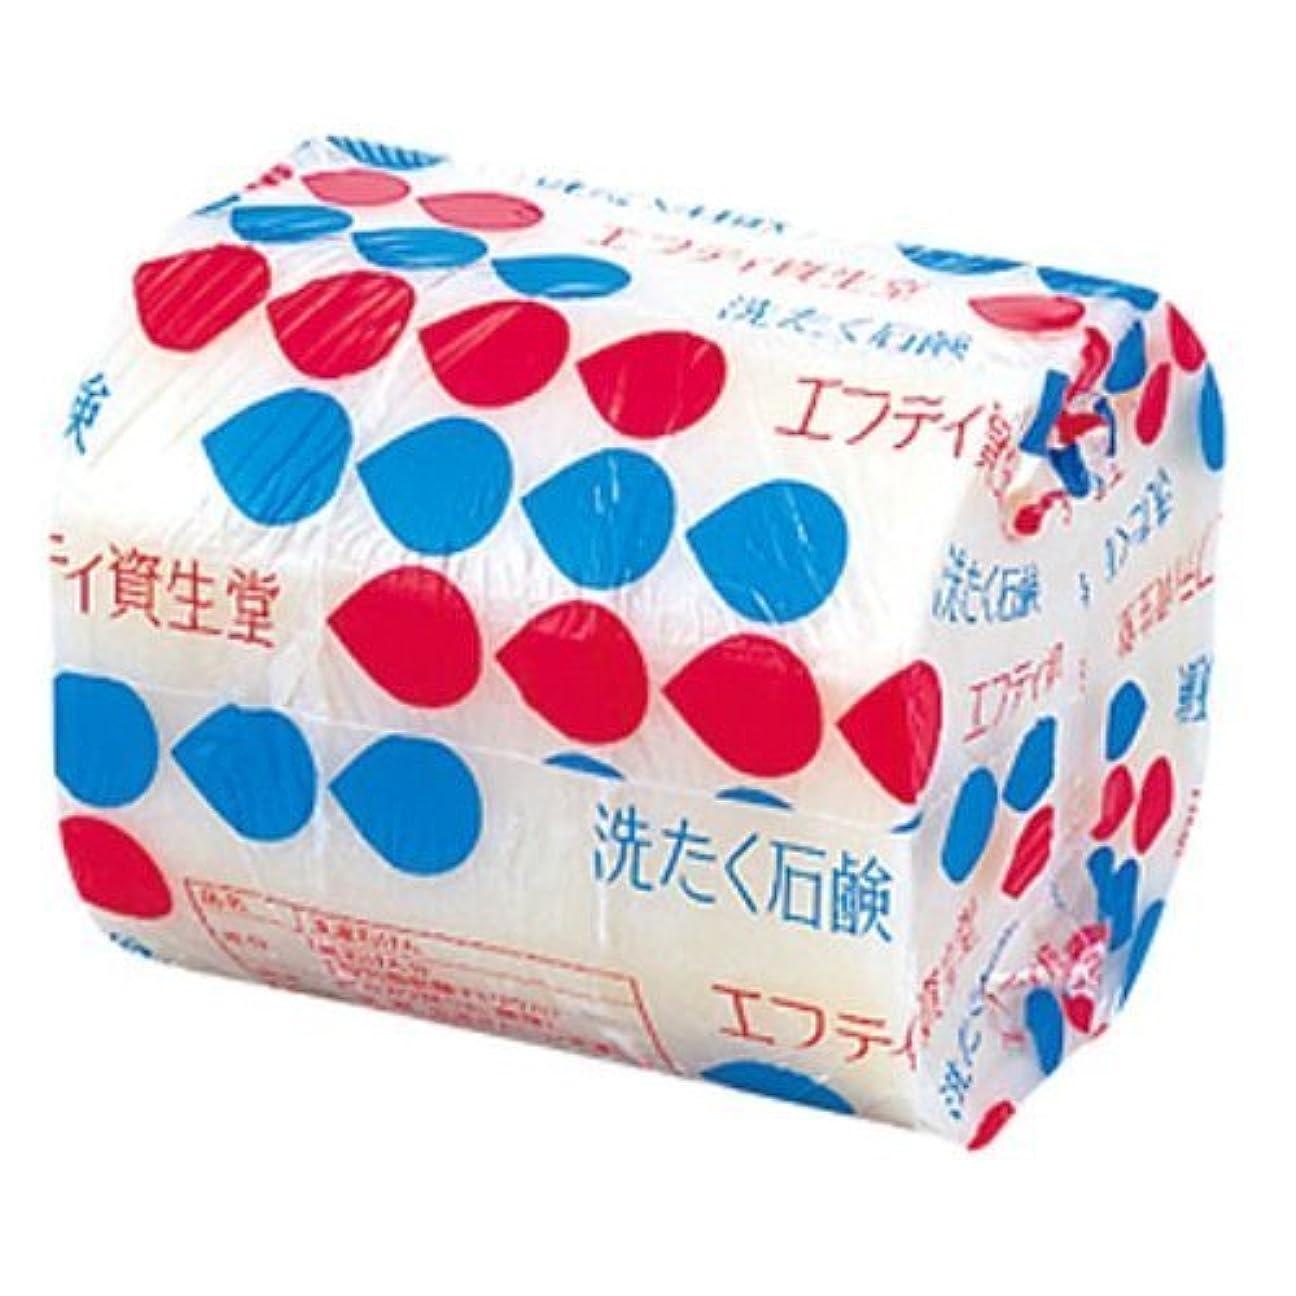 パーチナシティ多様性規制する【資生堂】エフティ資生堂洗たく石鹸花椿型3コパック200g